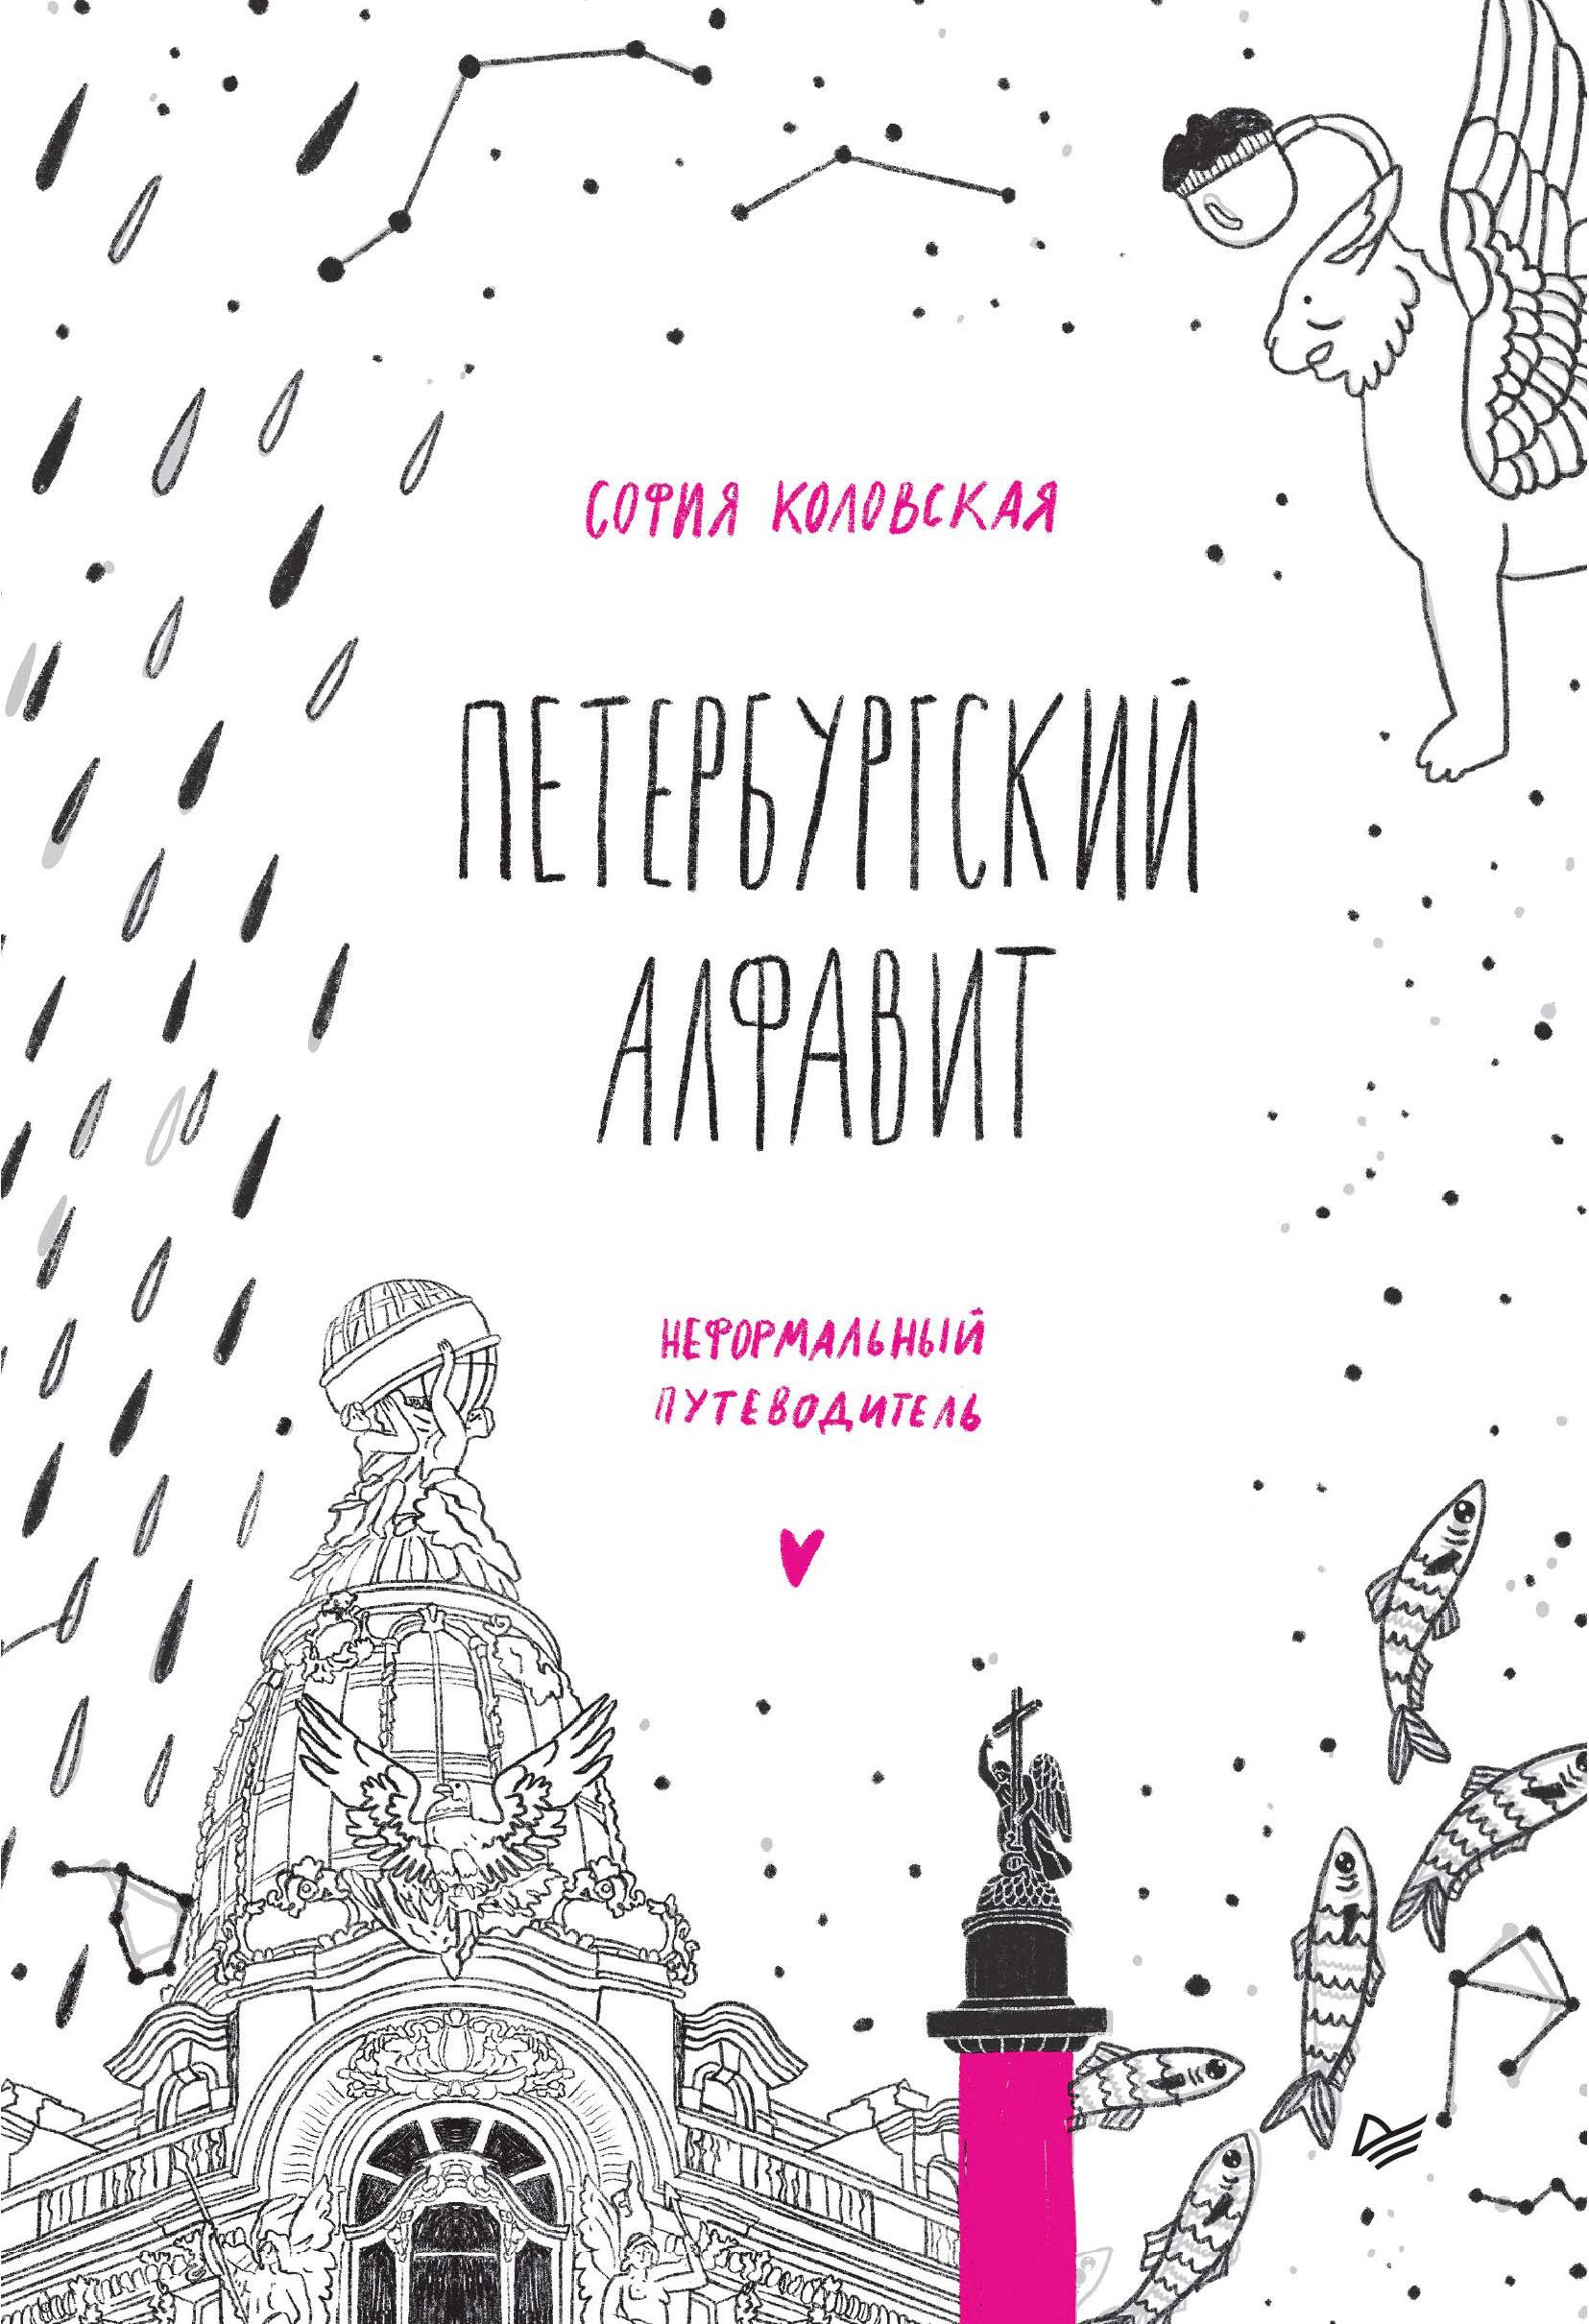 Петербургский алфавит. Неформальный путеводитель. Обновленное издание